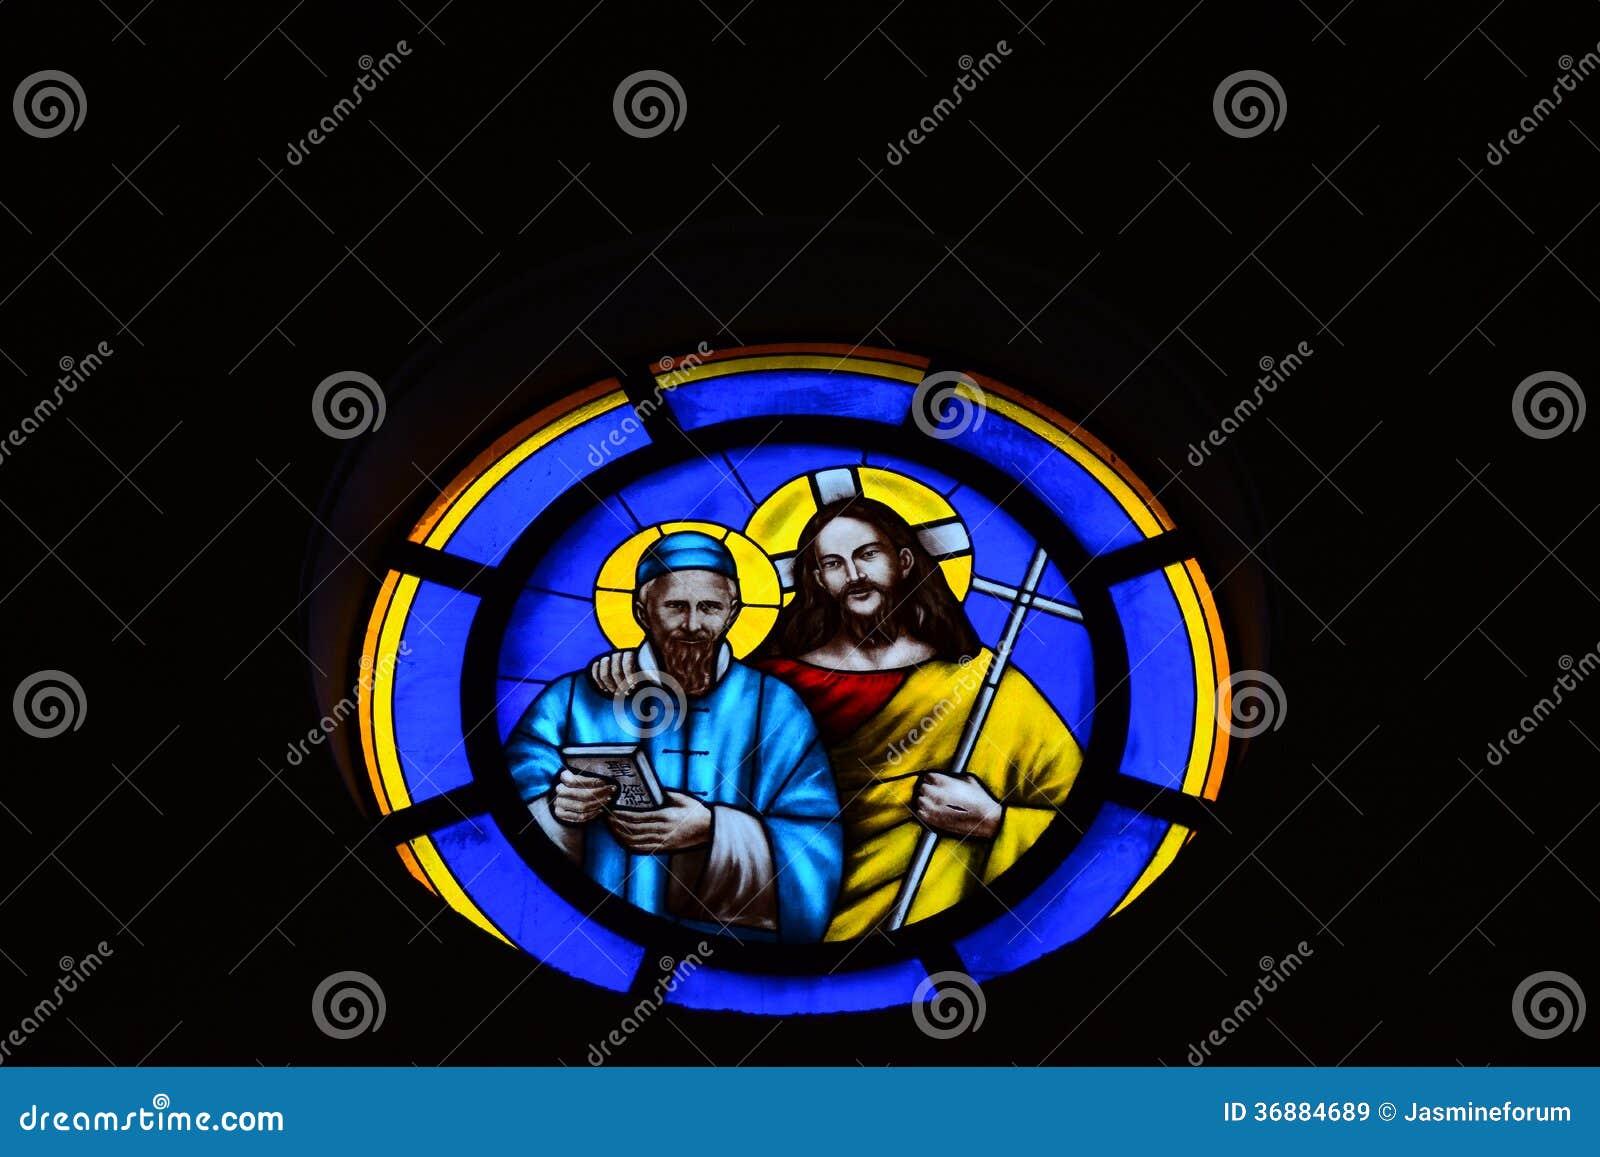 Download Finestre Di Vetro Macchiato Immagine Stock - Immagine di vetro, kong: 36884689